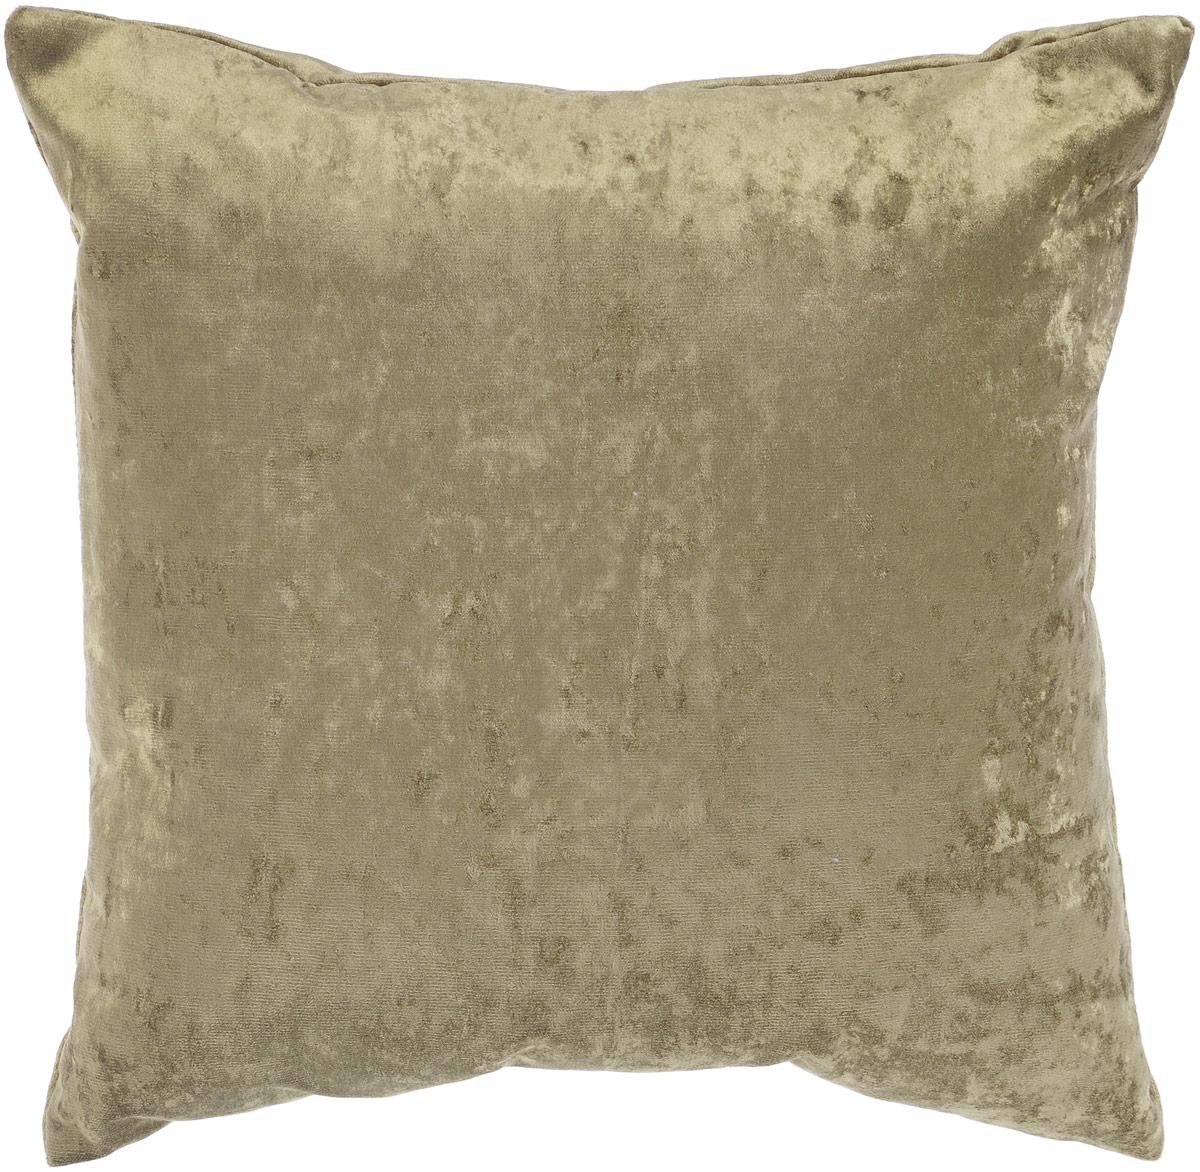 Подушка декоративная KauffOrt Бархат, цвет: темно-зеленый, 40 x 40 см3121039686Декоративная подушка Бархат прекрасно дополнит интерьер спальни или гостиной. Бархатистый на ощупь чехол подушки выполнен из 49% вискозы, 42% хлопка и 9% полиэстера. Внутри находится мягкий наполнитель. Чехол легко снимается благодаря потайной молнии. Красивая подушка создаст атмосферу уюта и комфорта в спальне и станет прекрасным элементом декора.